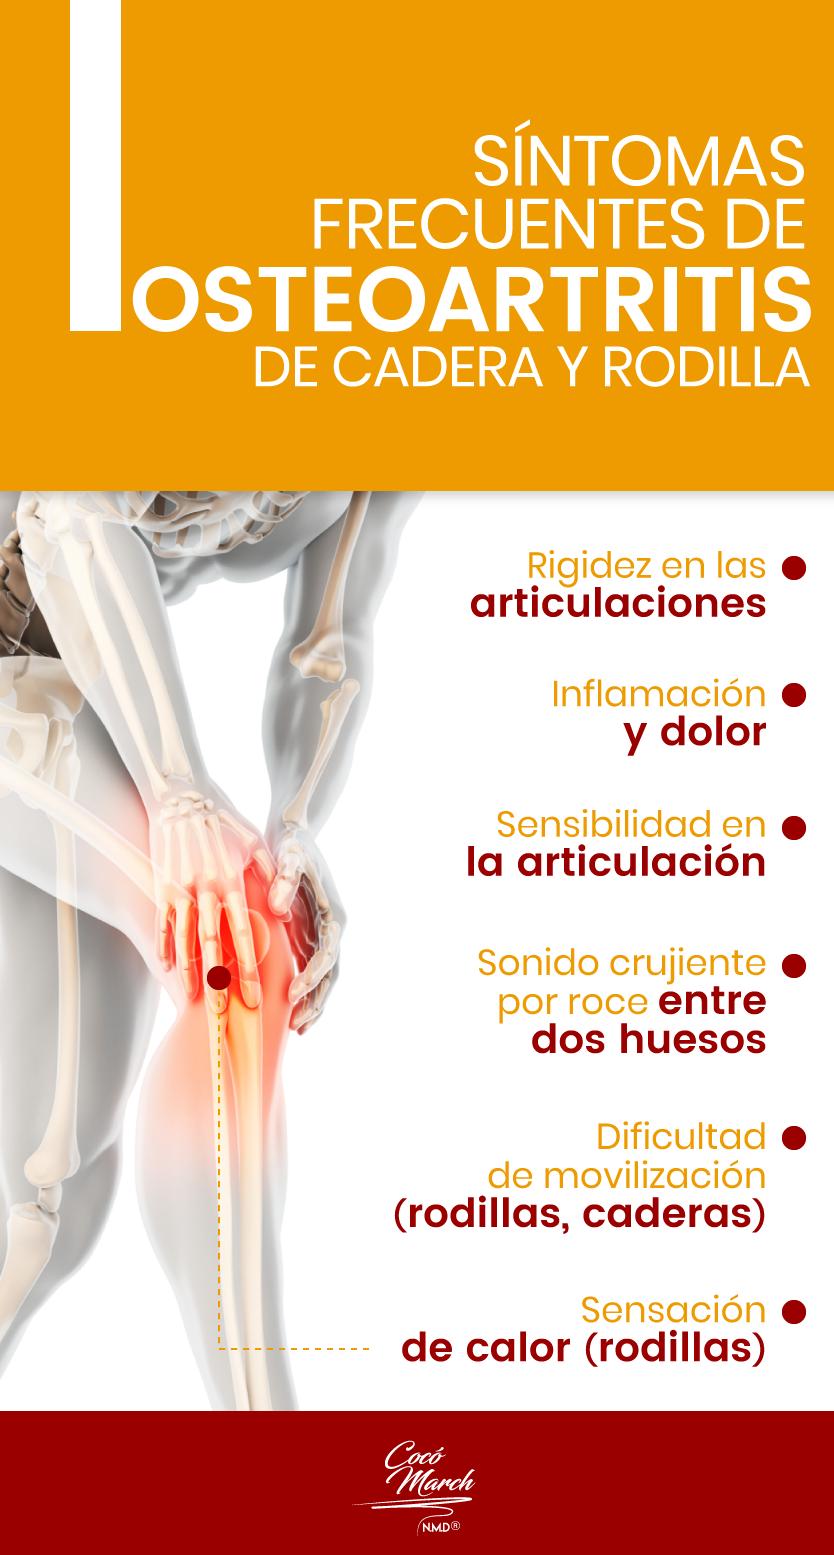 sintomas-de-la-osteoartritis